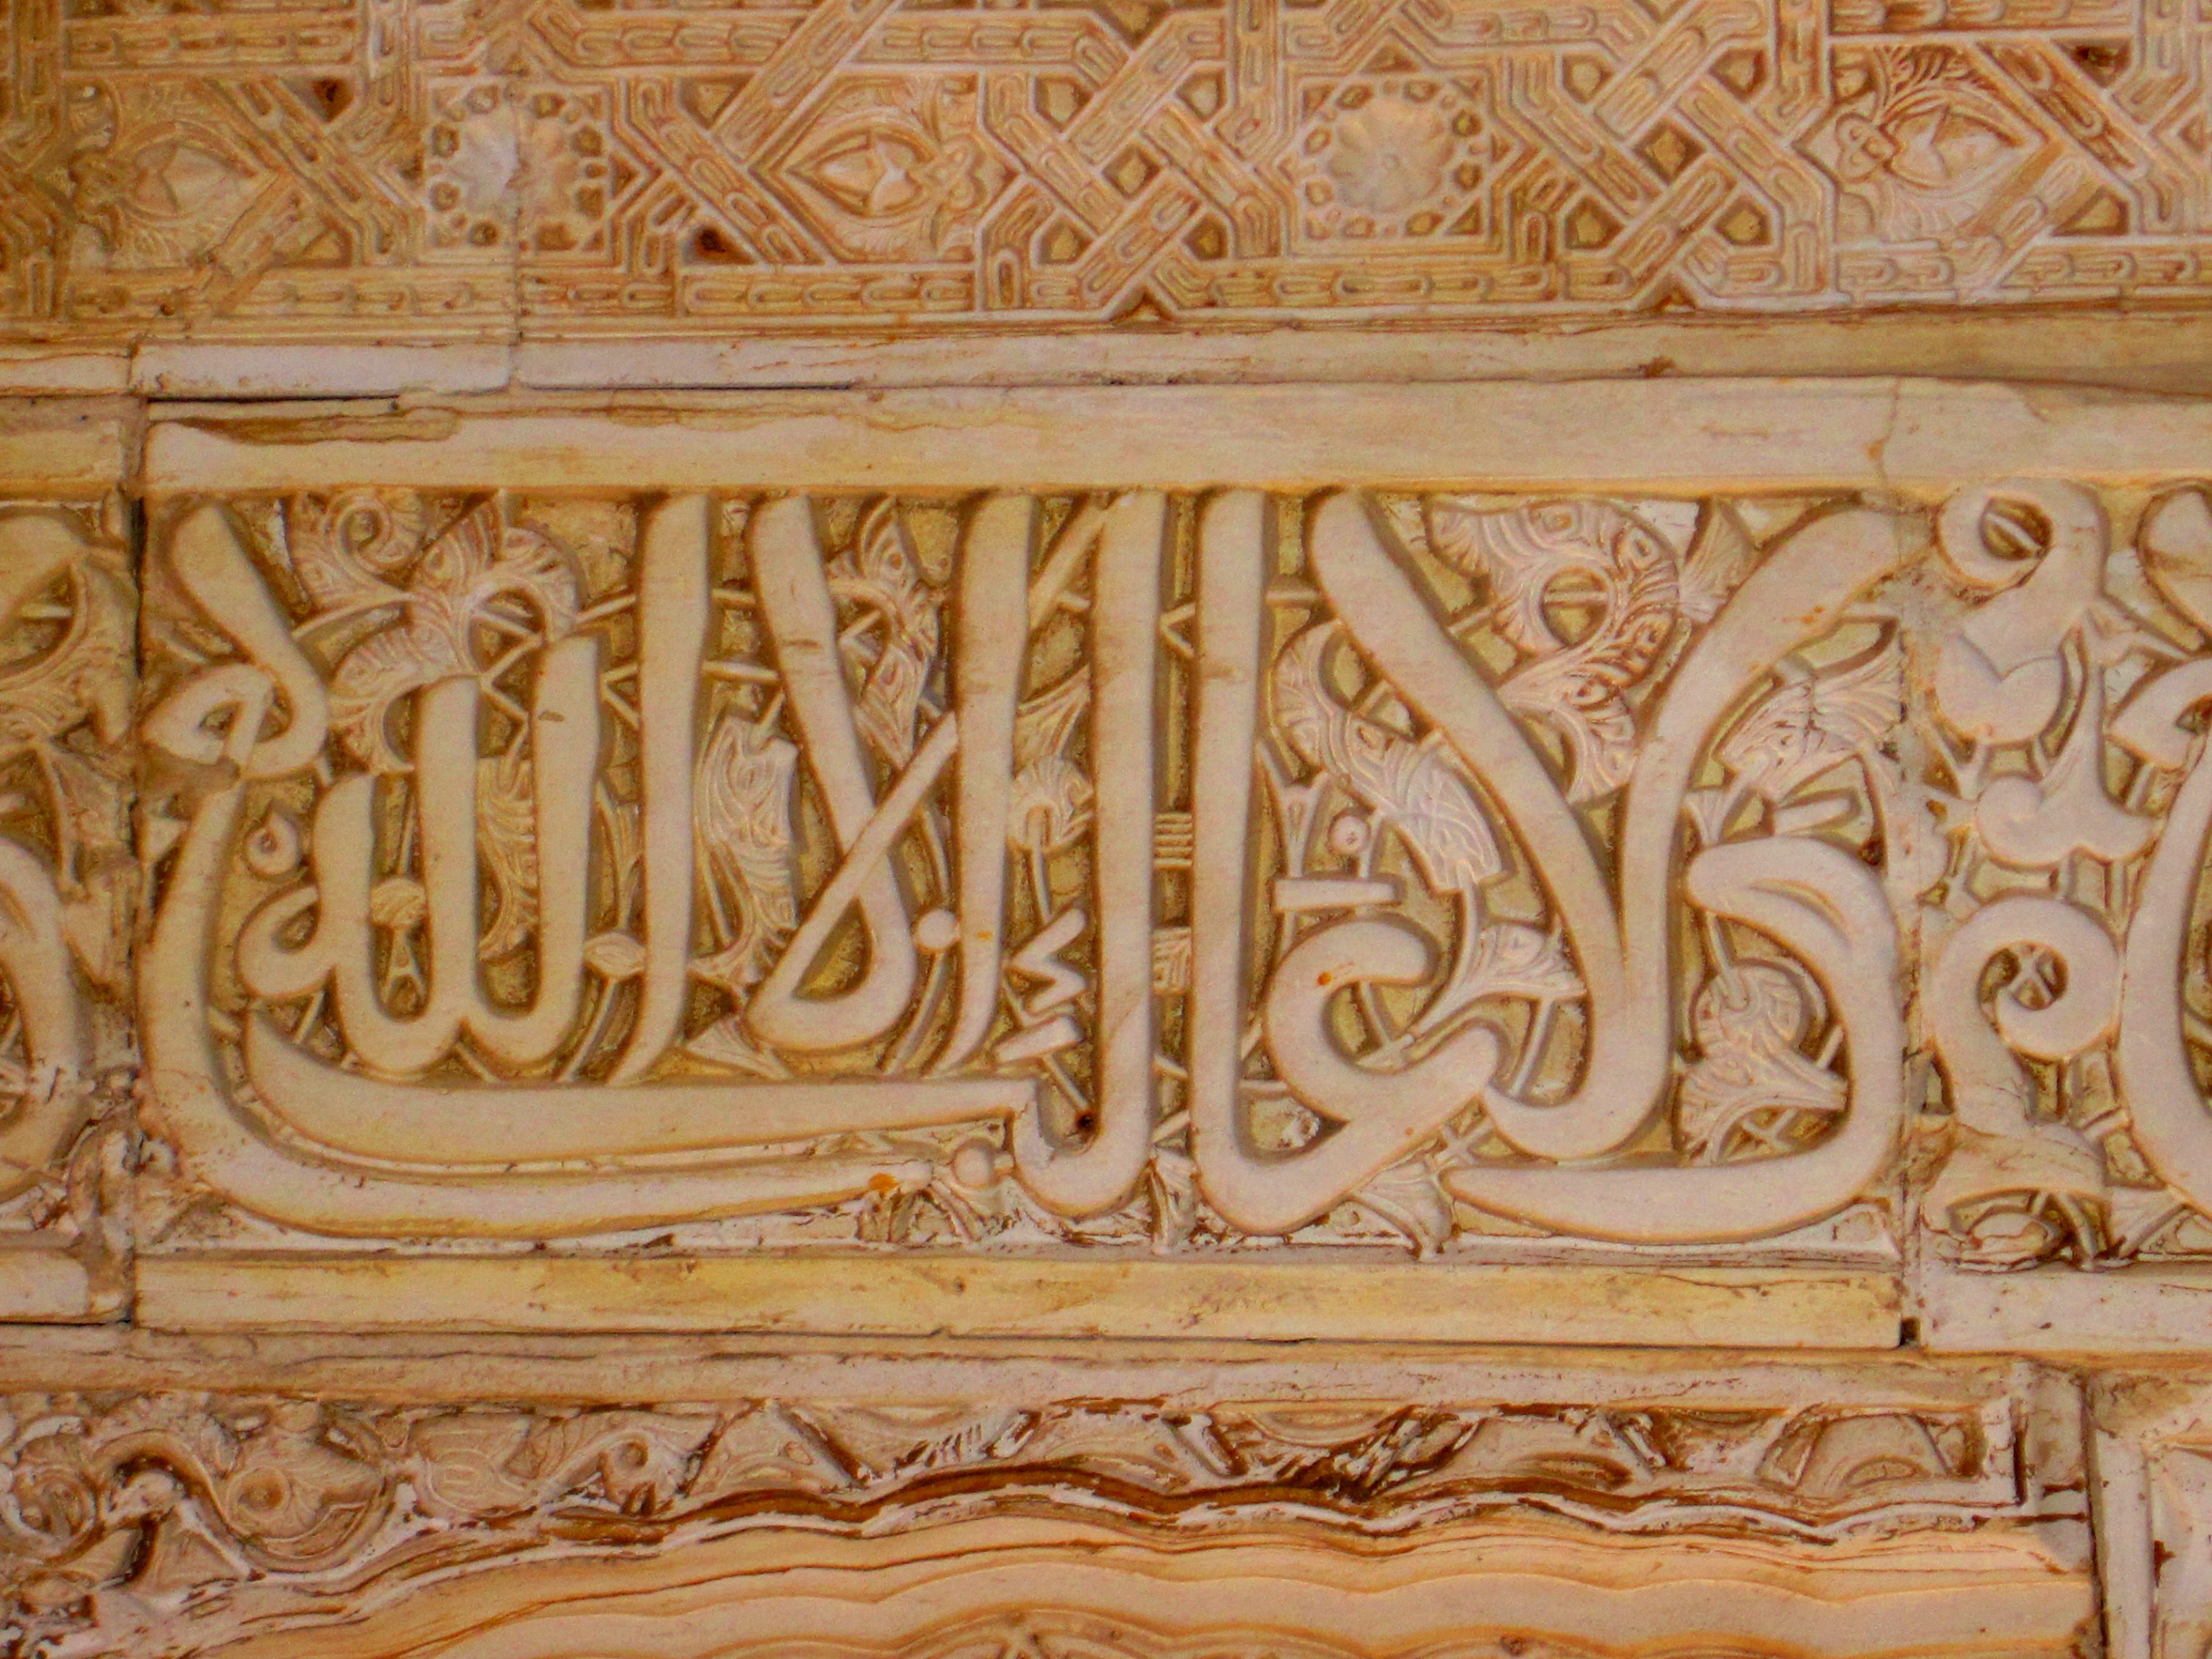 Detail von der Sala del Mexuar. La Alhambra, Granada. «Sólo Dios es vencedor», von Roberto Chamoso G (Eigenes Werk) (CC BY-SA 3.0 es (https://creativecommons.org/licenses/by-sa/3.0/es/deed.en)), via Wikimedia Commons